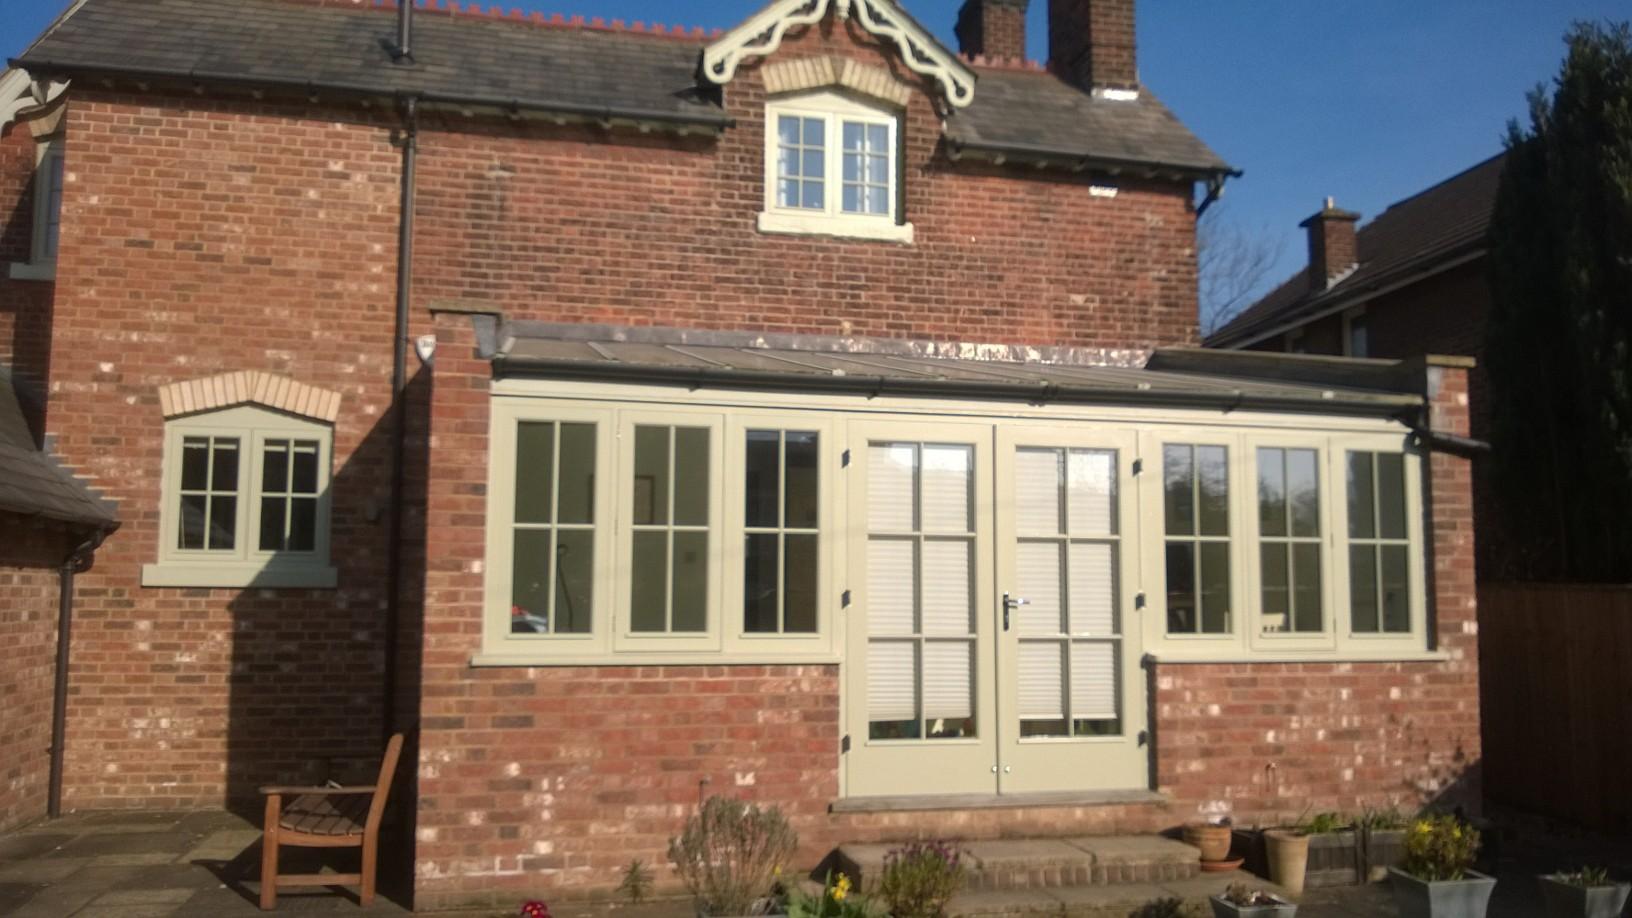 New windows & doors